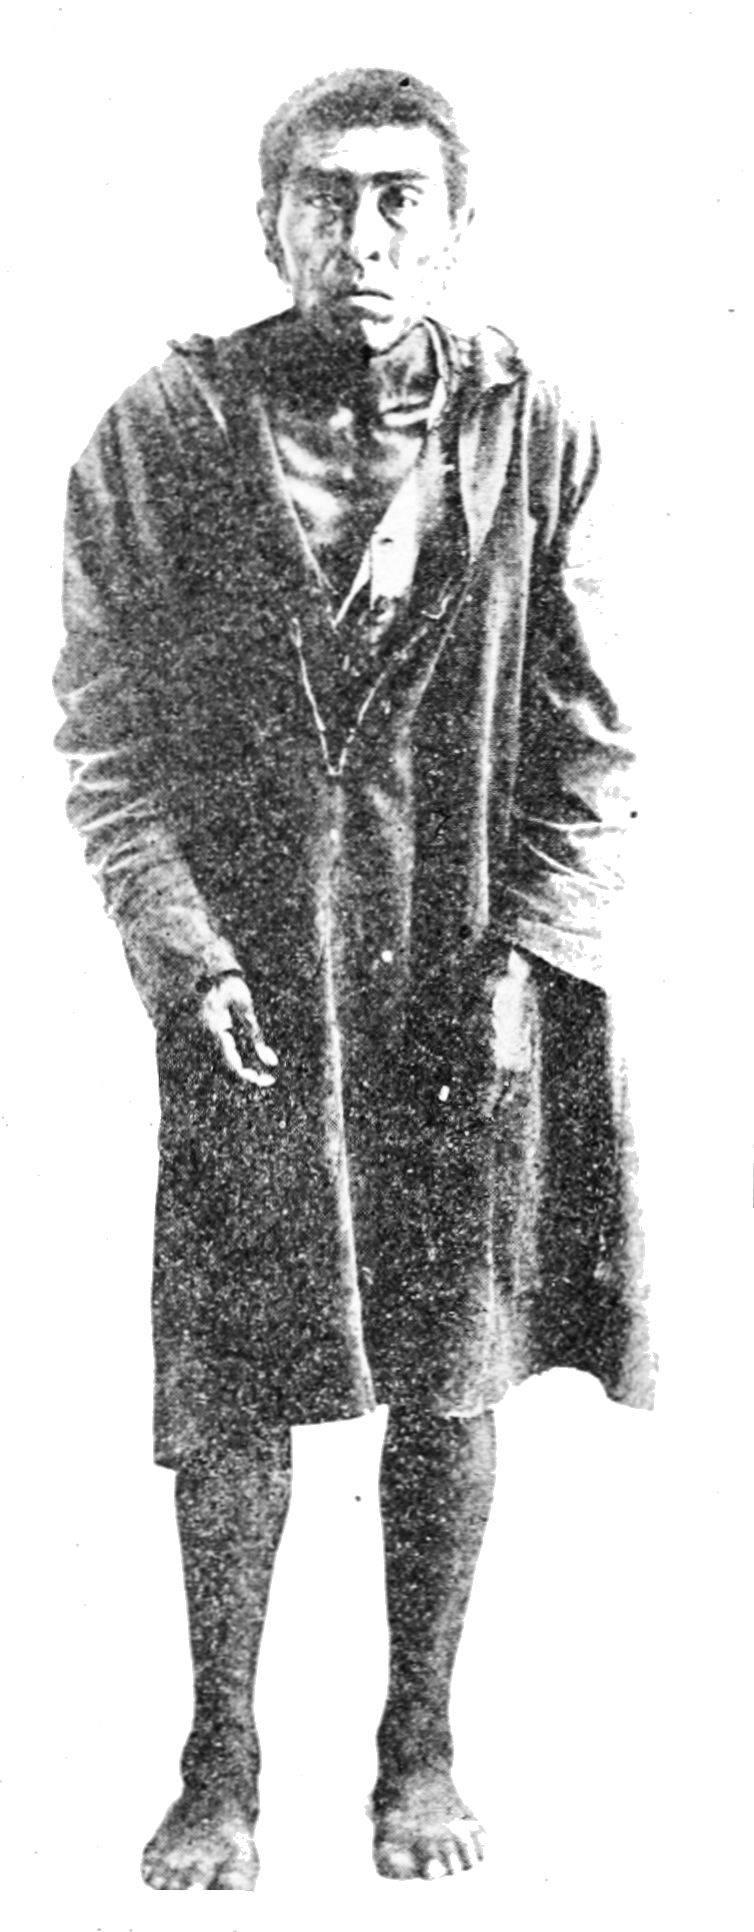 Η φωτογραφία προέρχεται από τα αρχεία του Μουσείου Ανθρωπολογίας Lowie, του Πανεπιστημίου της Καλιφόρνιας στο Μπέρκλεϊ.